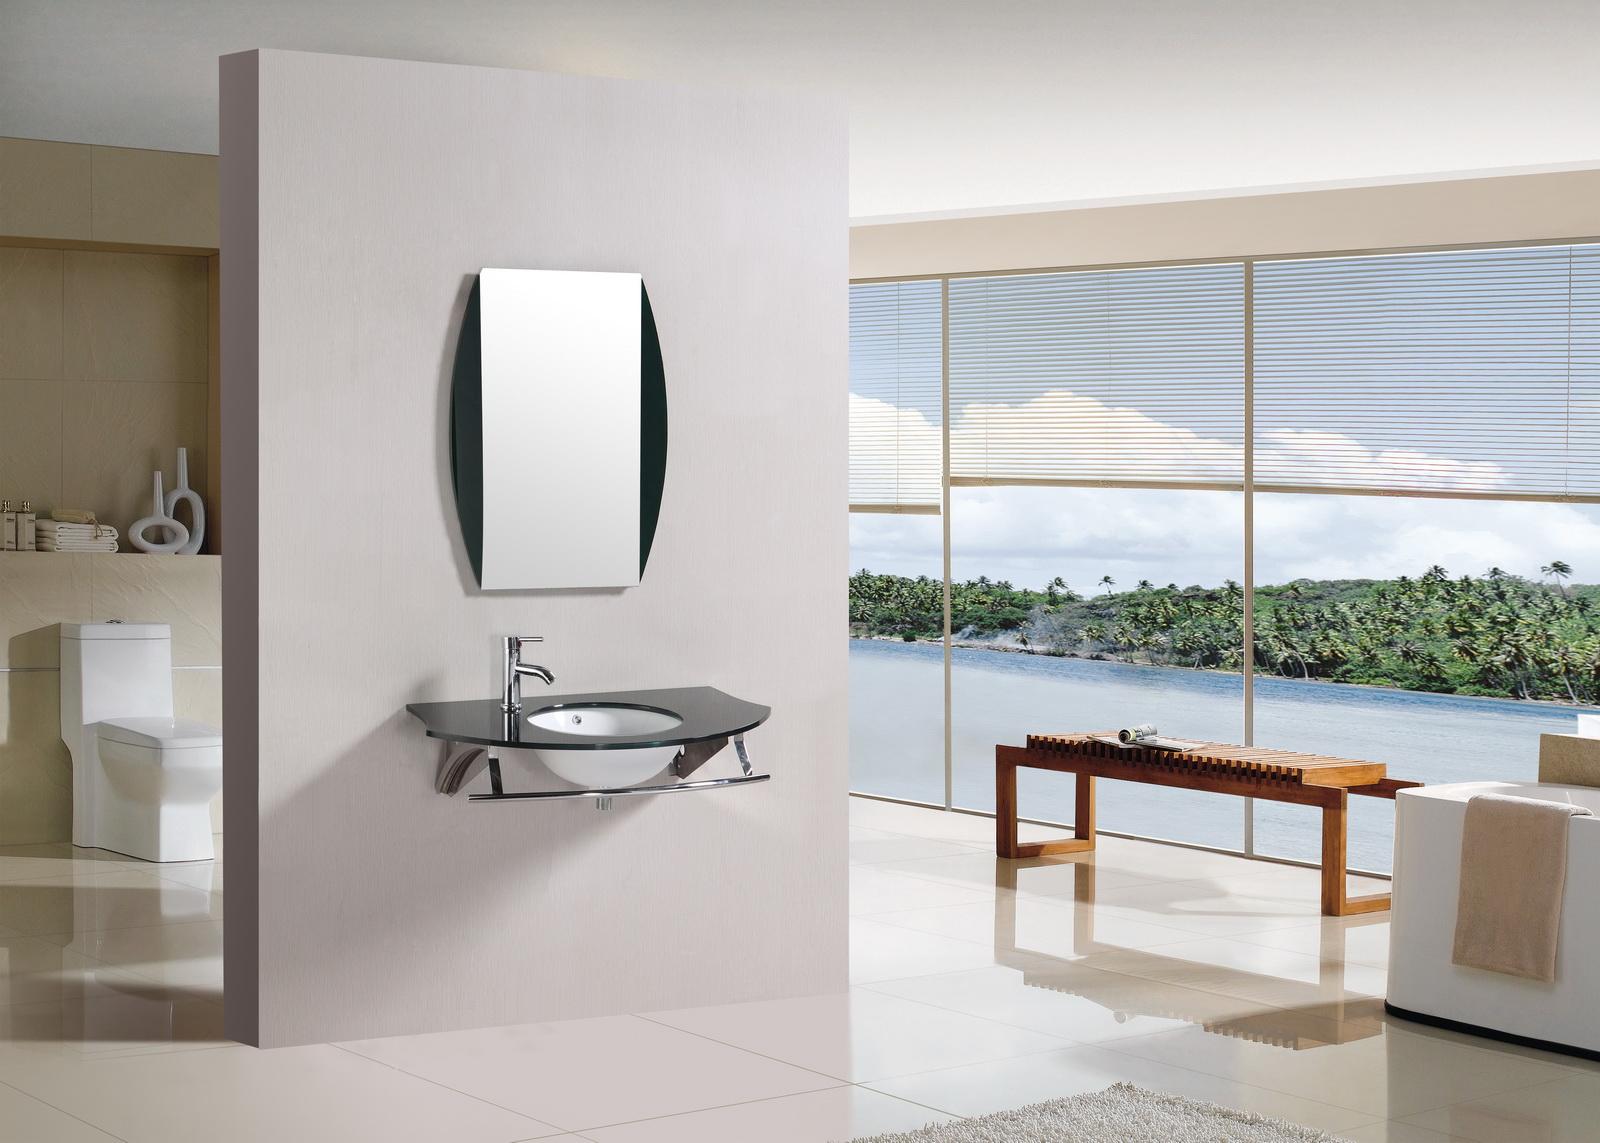 badkamermeubel design kopen online internetwinkel